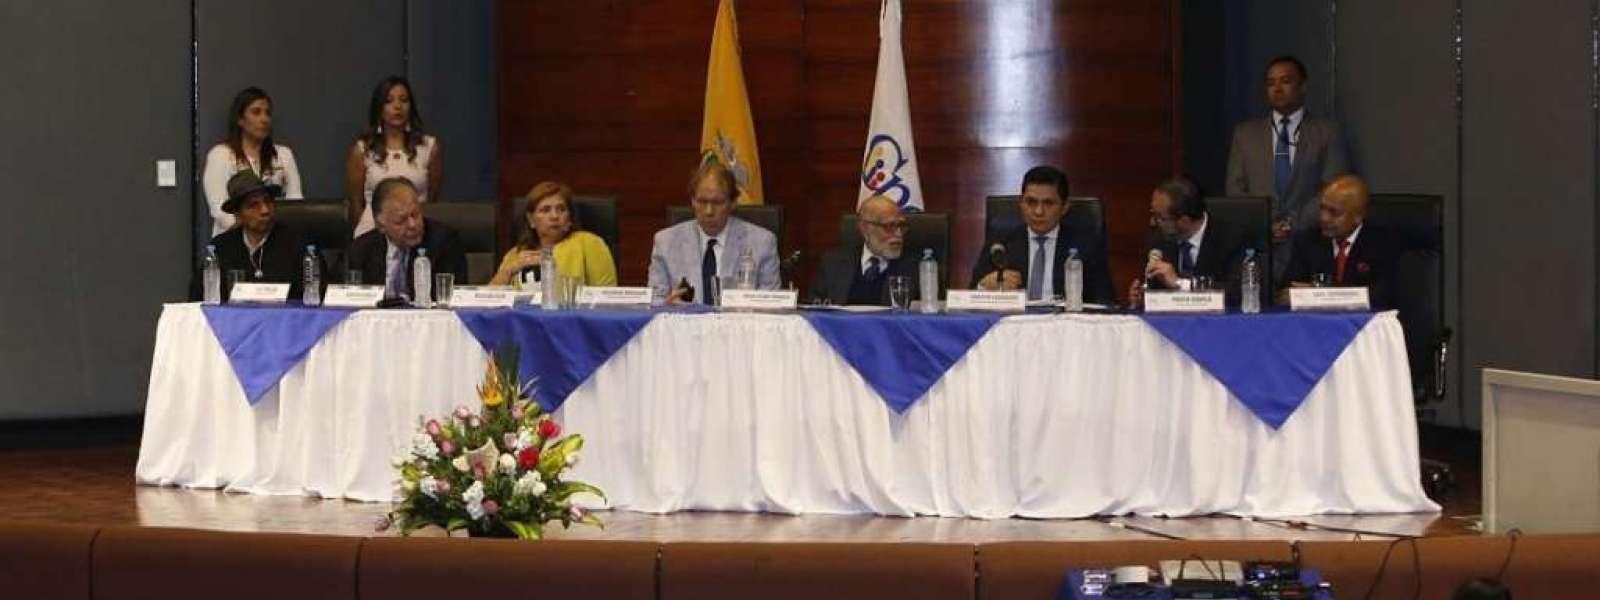 ECUADOR.- En la última sesión del CPCCS transitorio, sus integrantes recibieron improperios de varios asistentes. Foto: API